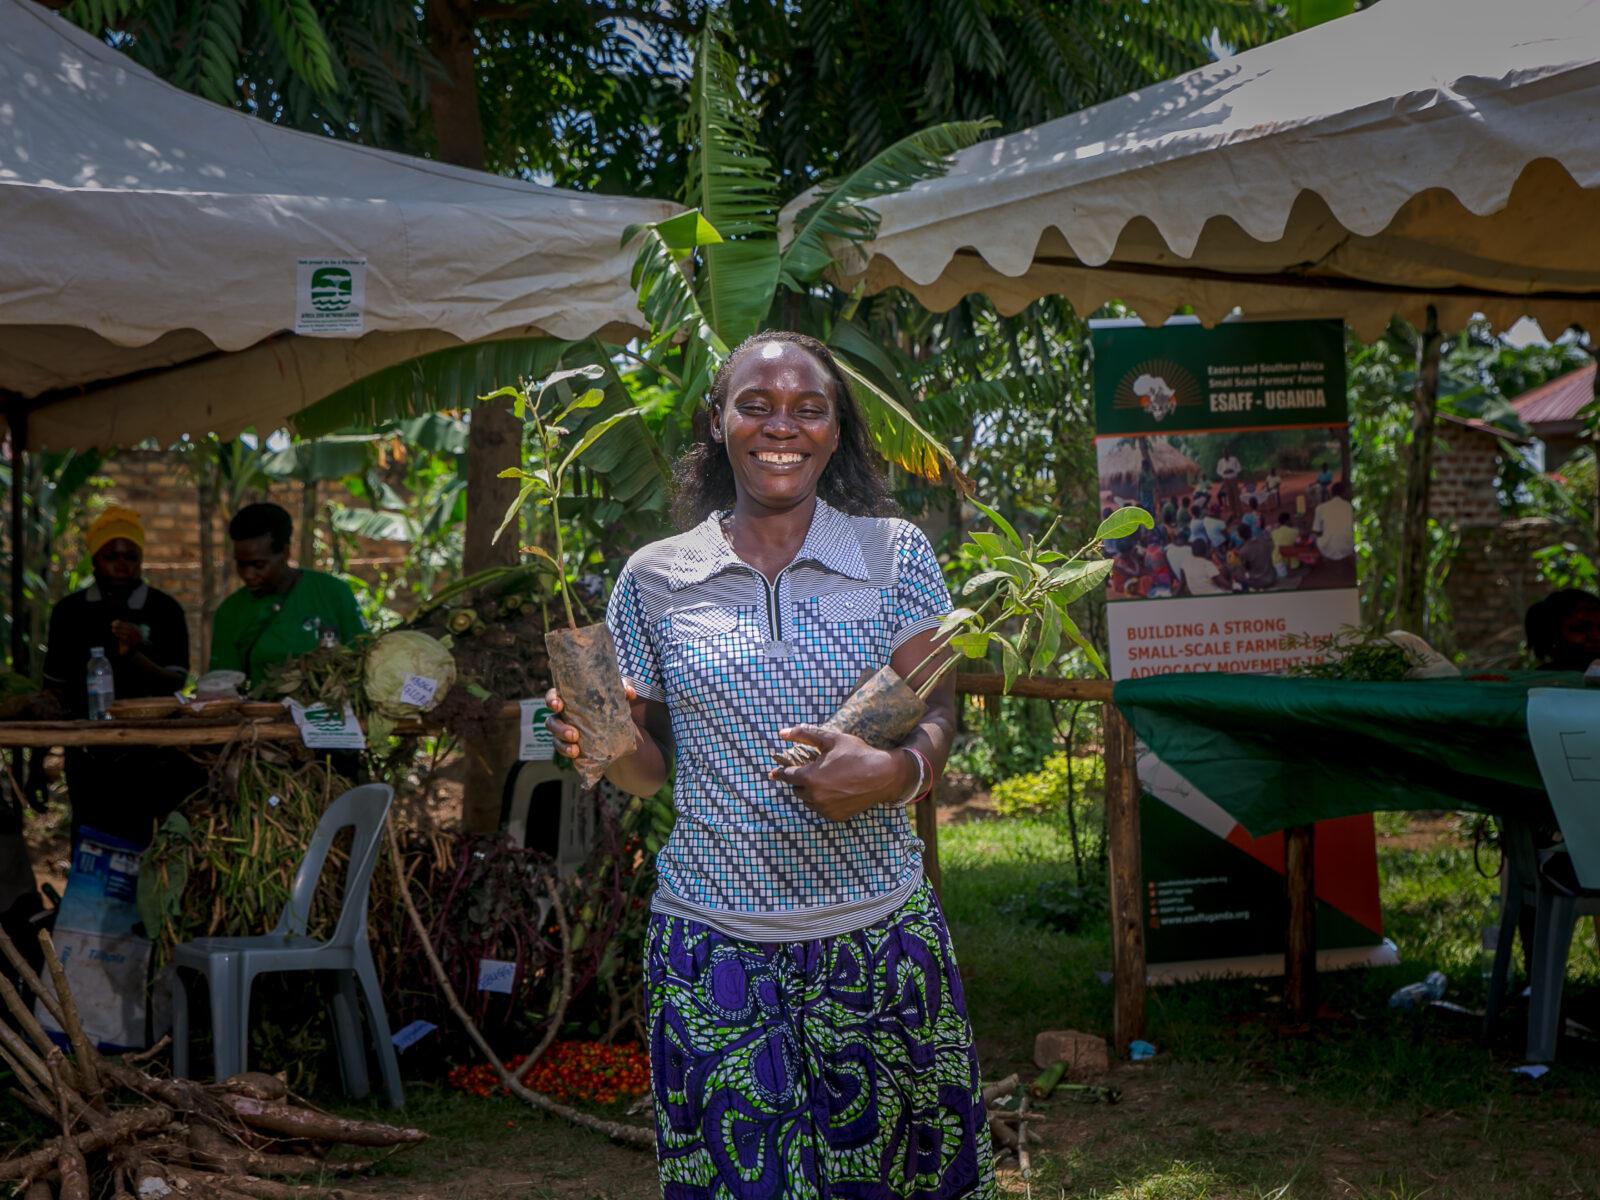 färgad,kvinna,växter,green, action,week, miljövänliga veckan